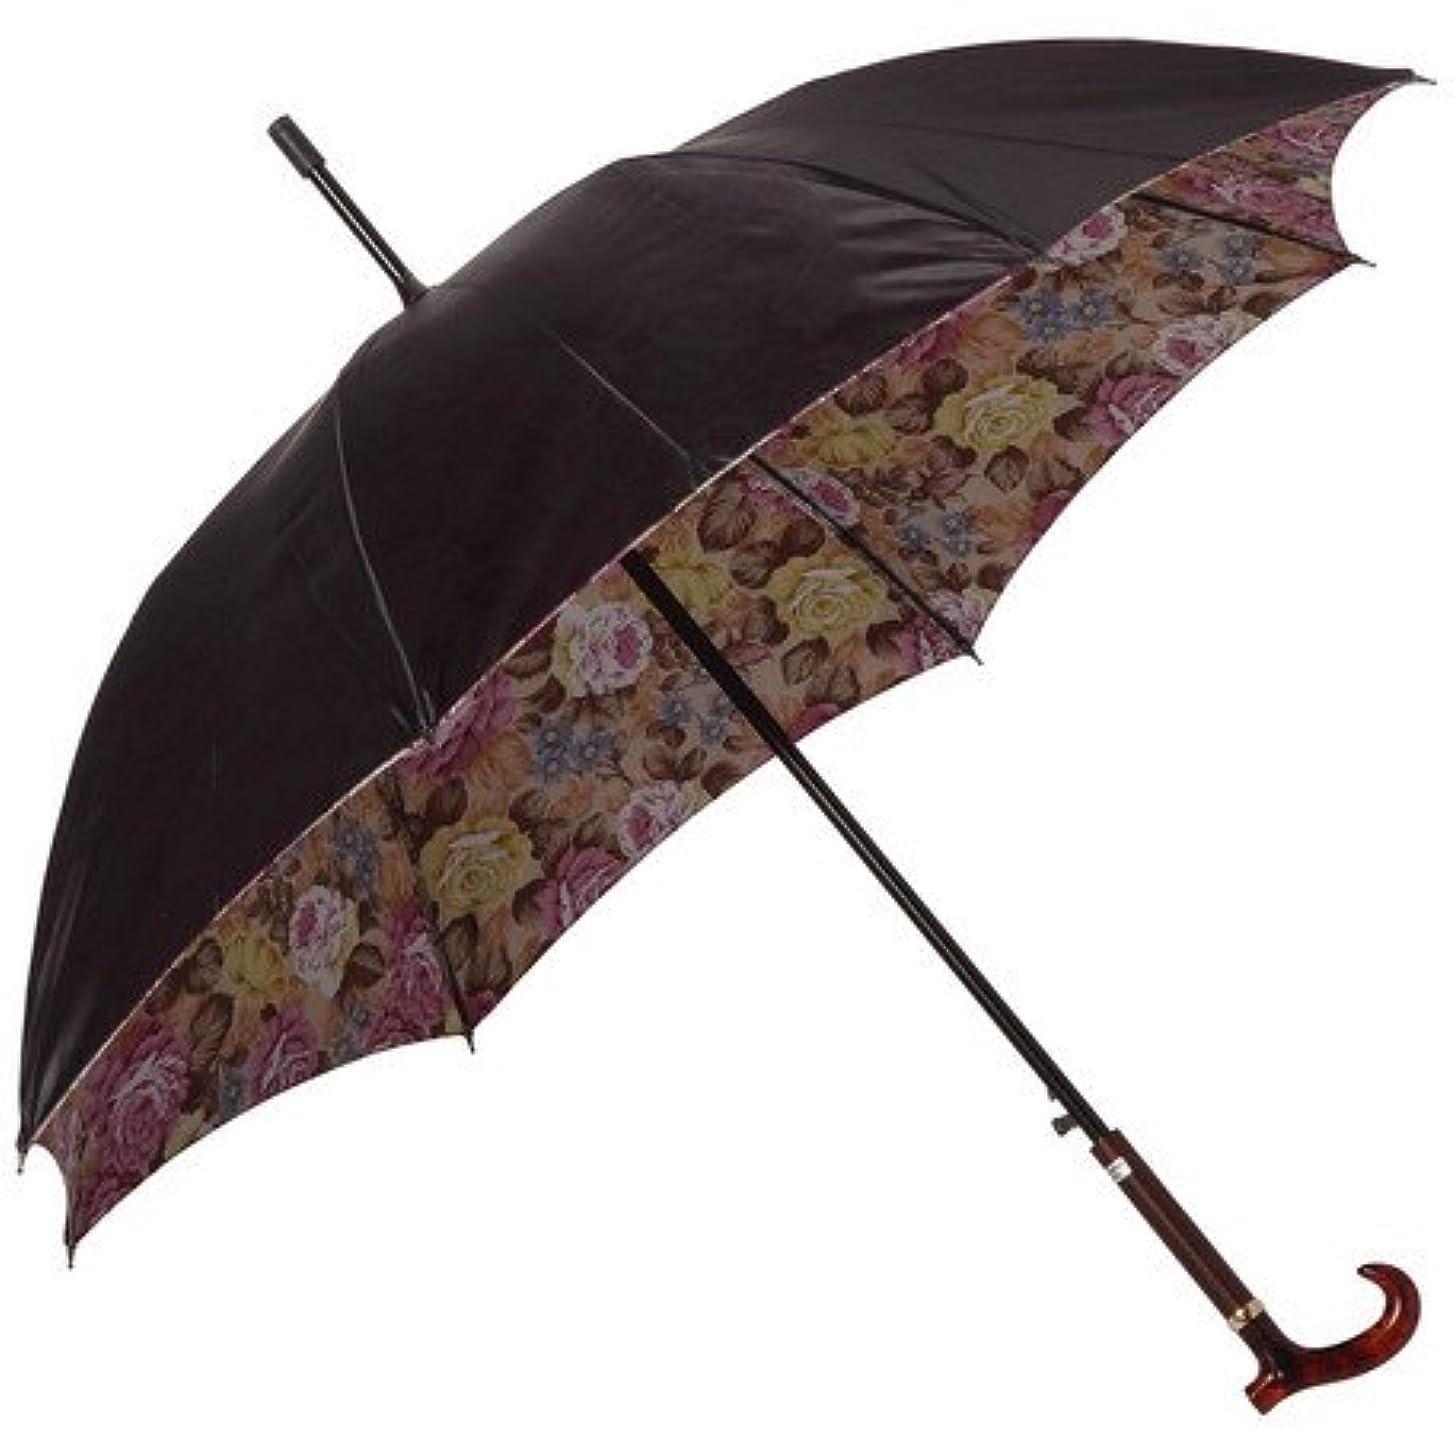 テザーダーツ狂乱日本製 高級傘 上品な サテン生地 裏転写 花柄 EAP 60cm ジャンプ傘 婦人傘